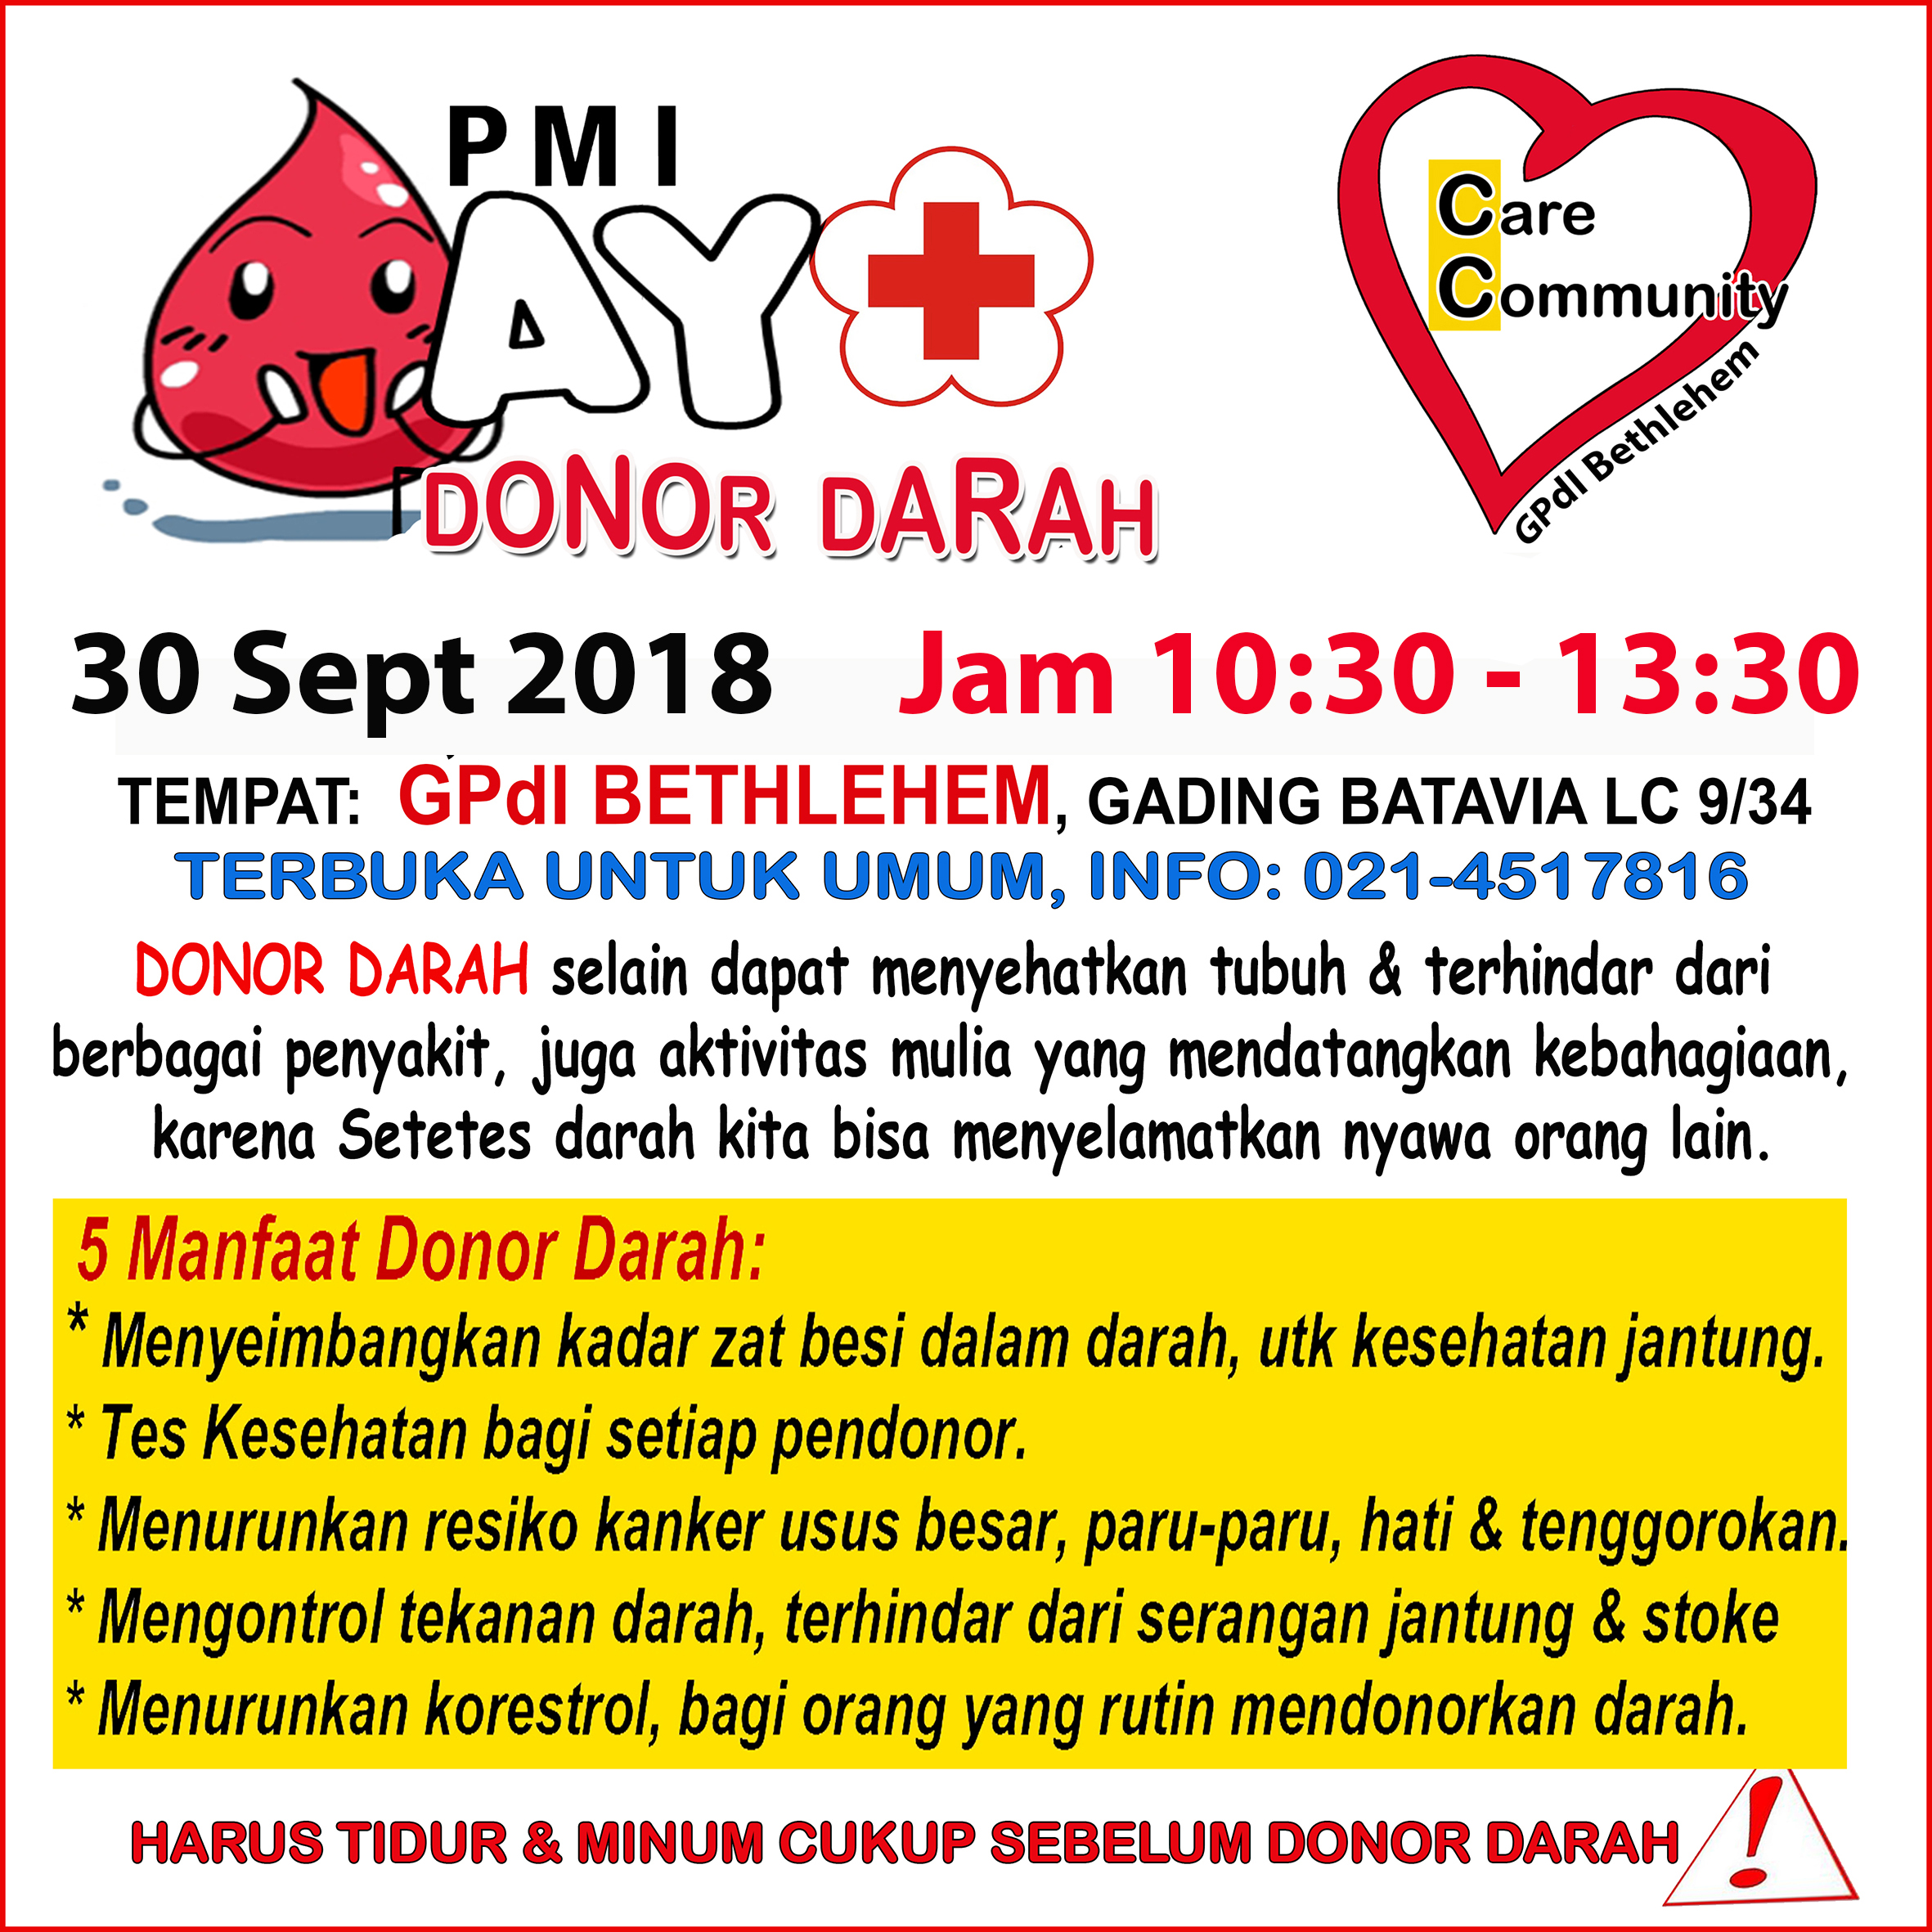 kampanye Donor darah pic2